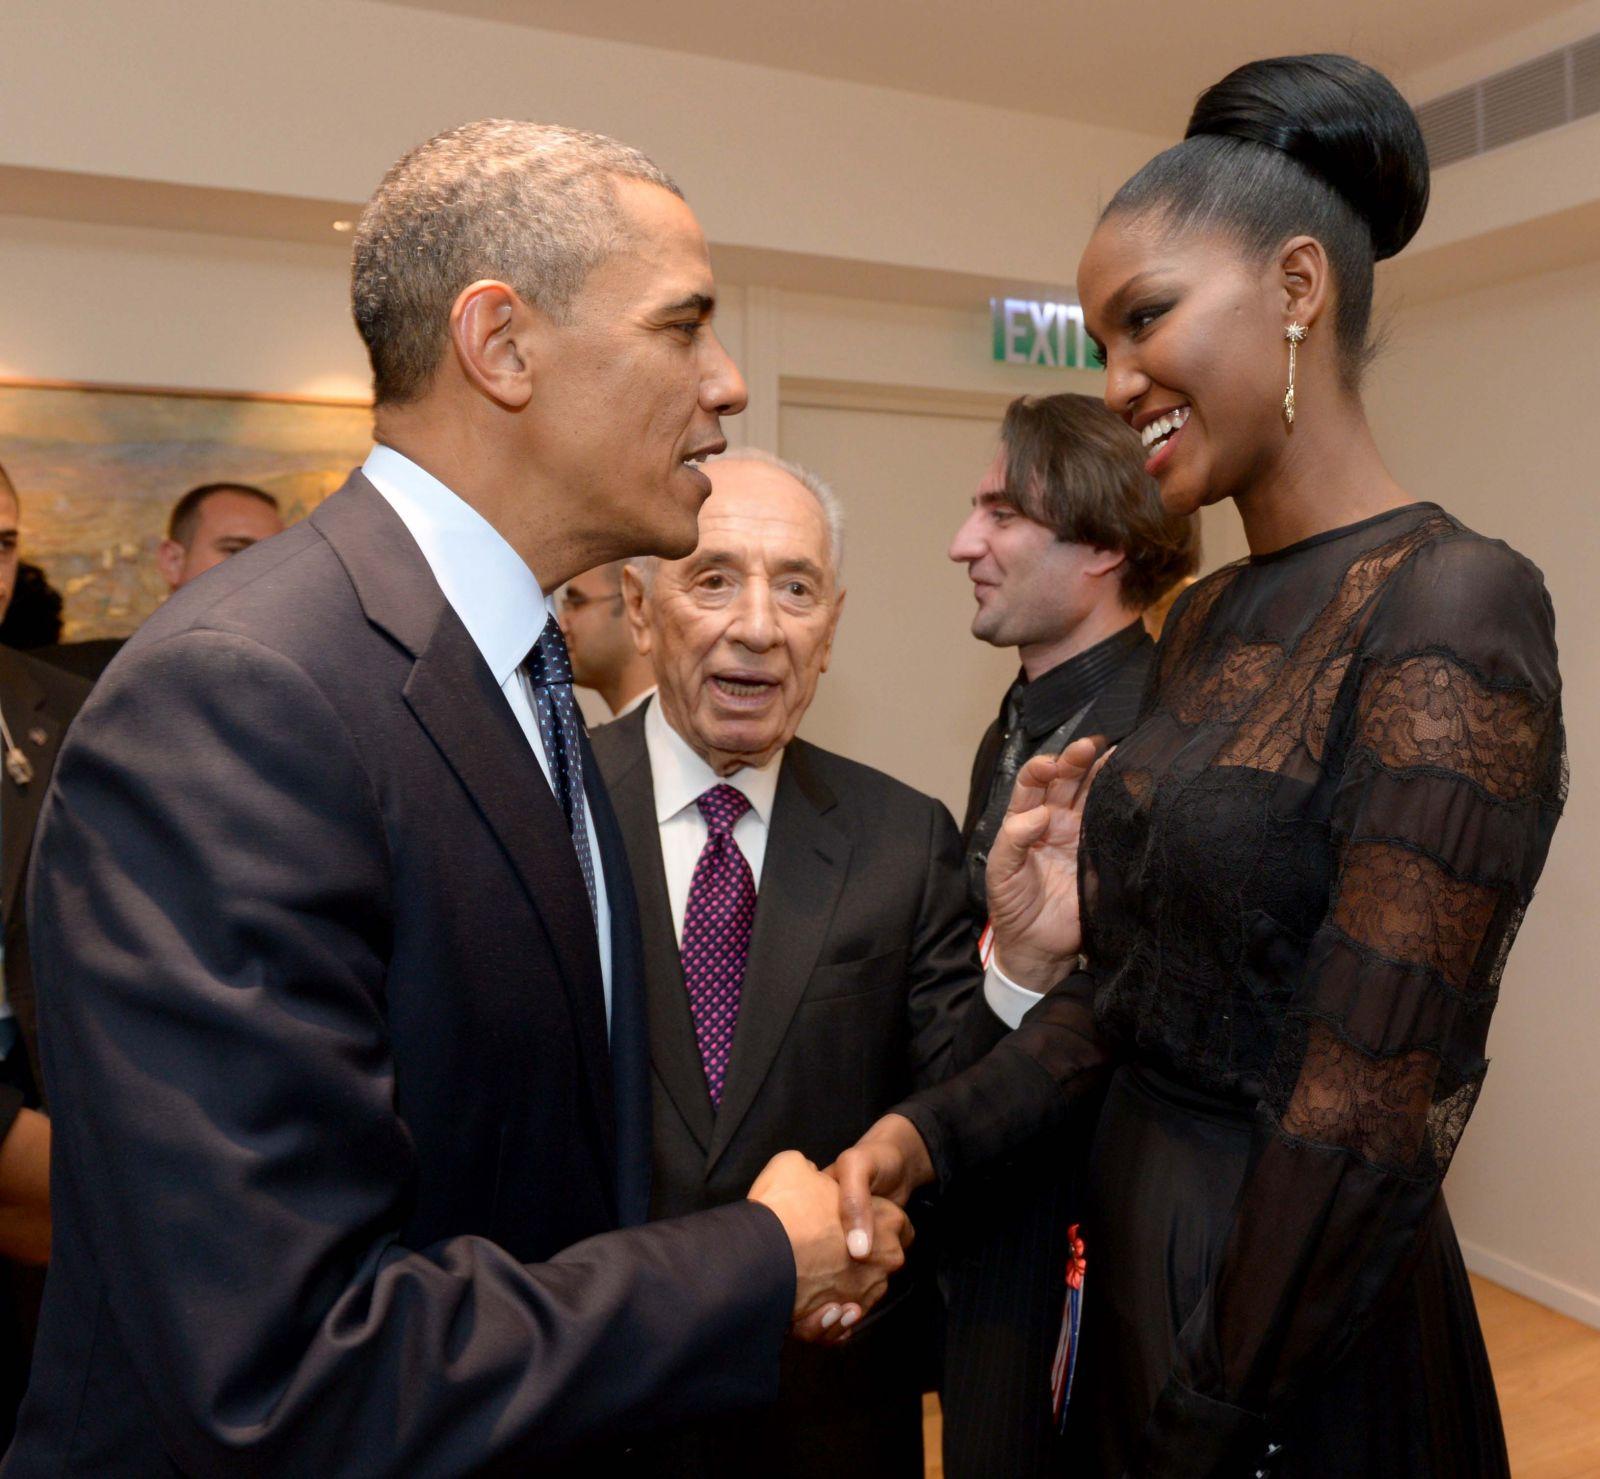 """הדוגמנית ייטאייש (טיטי) איינאו לוחצת את ידו של נשיא ארצות-הברית ברק אובמה בעת ביקורו בישראל. משקיף: הנשיא שמעון פרס (צילום: אבי אוחיון, לע""""מ)"""